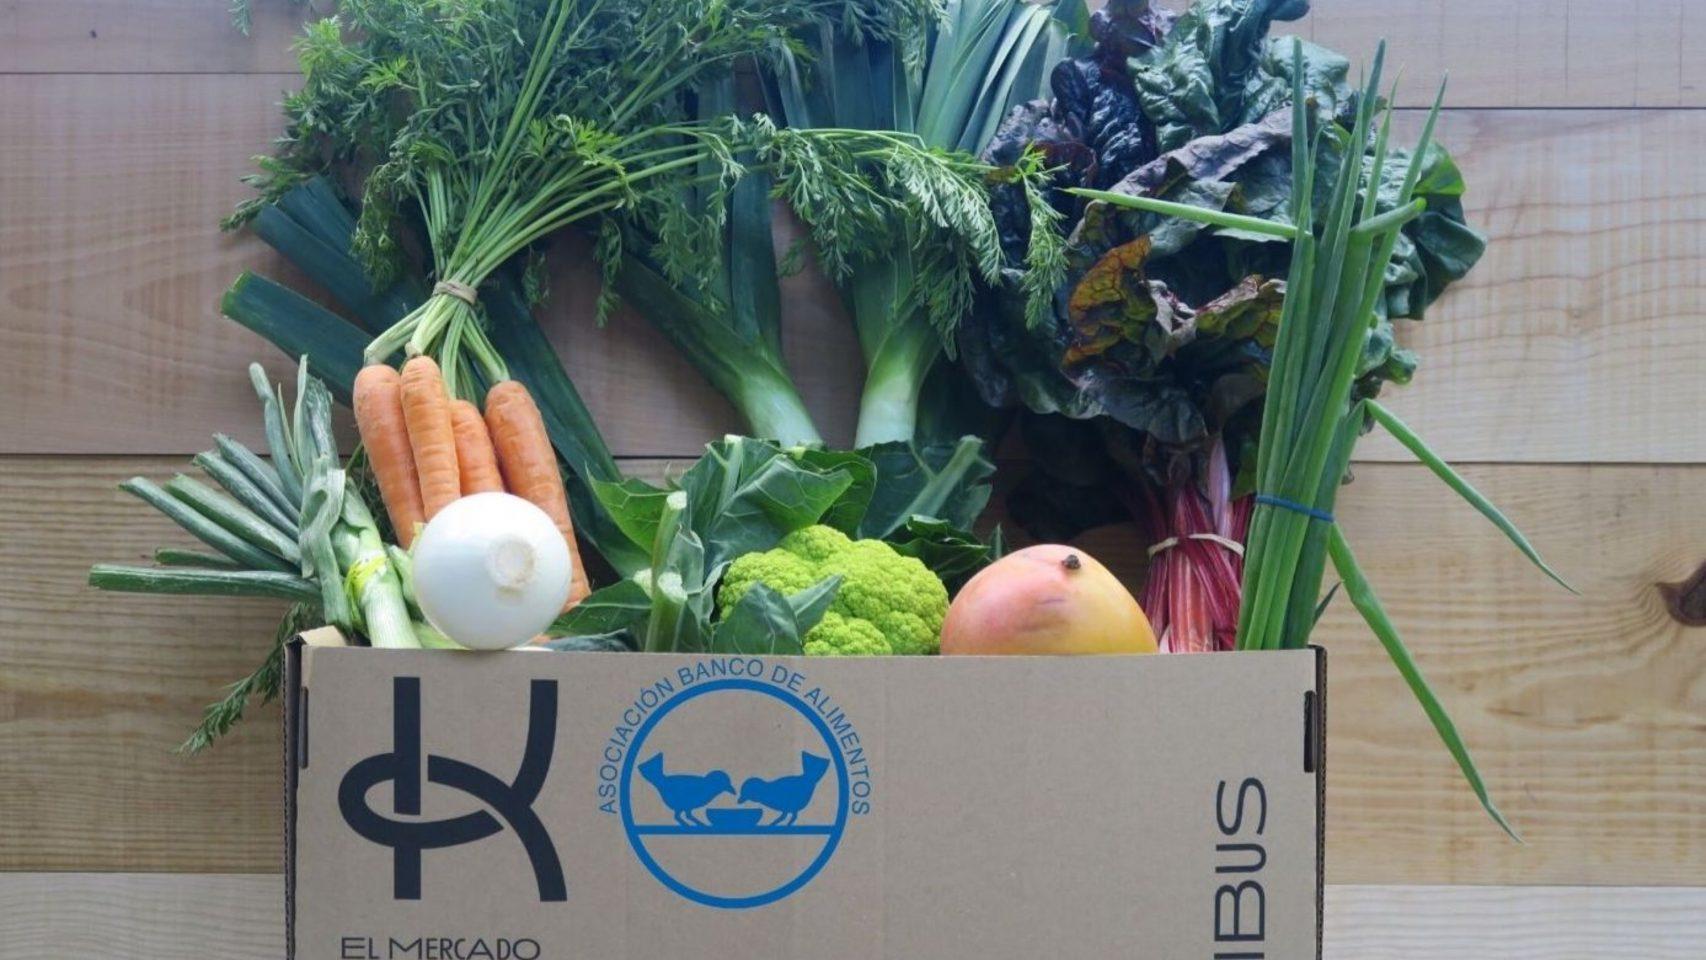 La empresa coruñesa Kibus crea cestas solidarias para donar al Banco de Alimentos